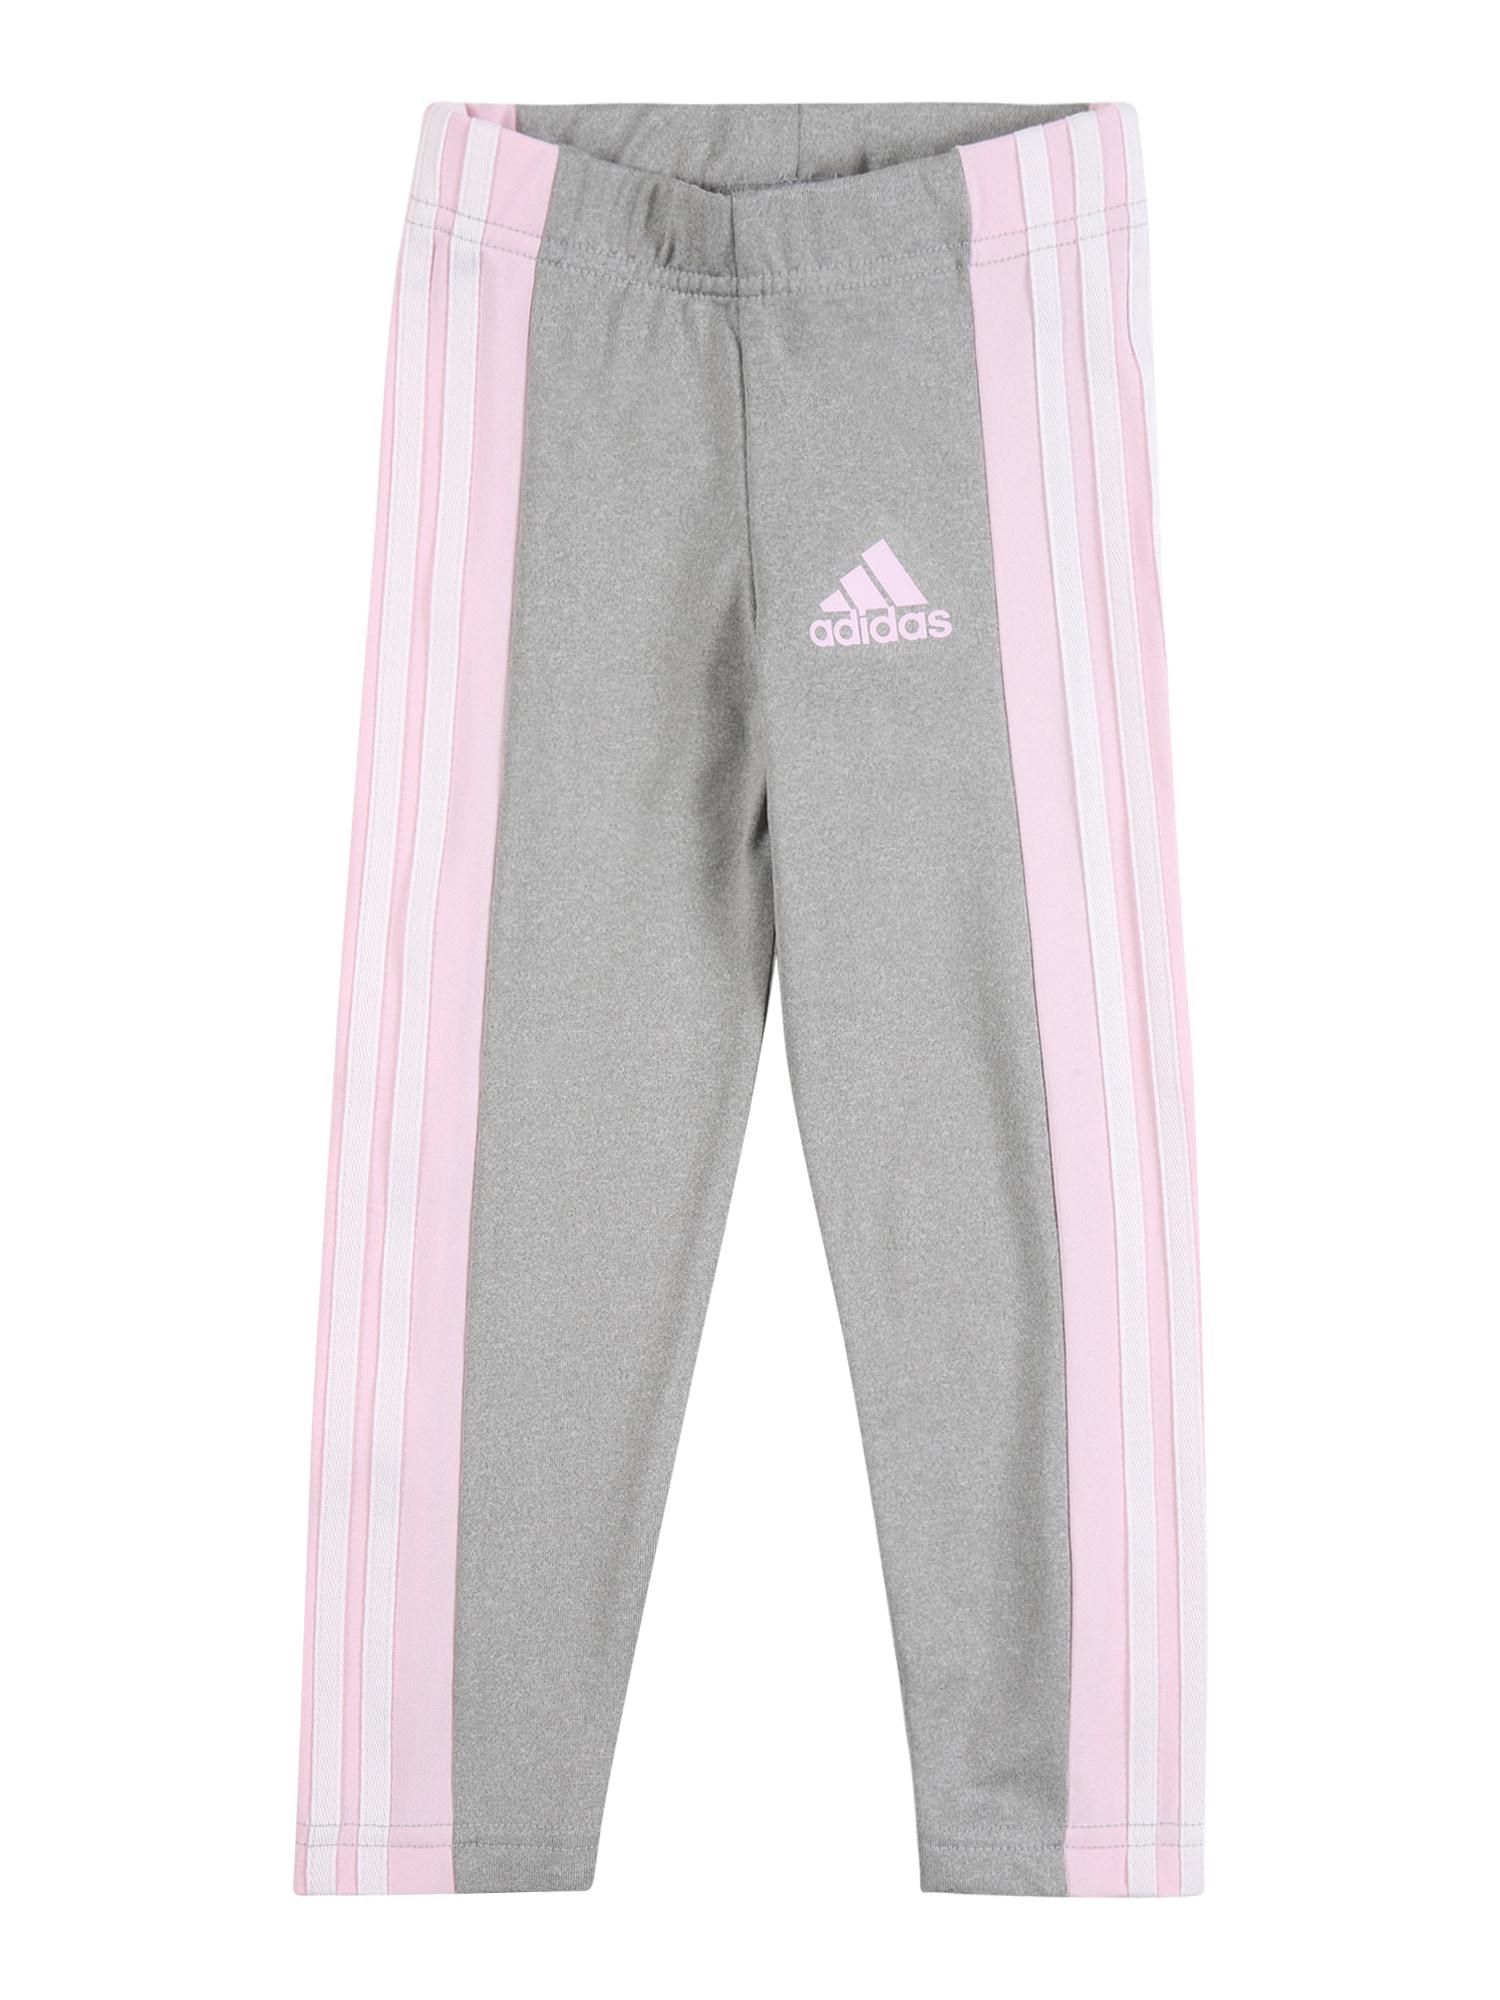 ADIDAS PERFORMANCE Sportinės kelnės pilka / balta / šviesiai rožinė